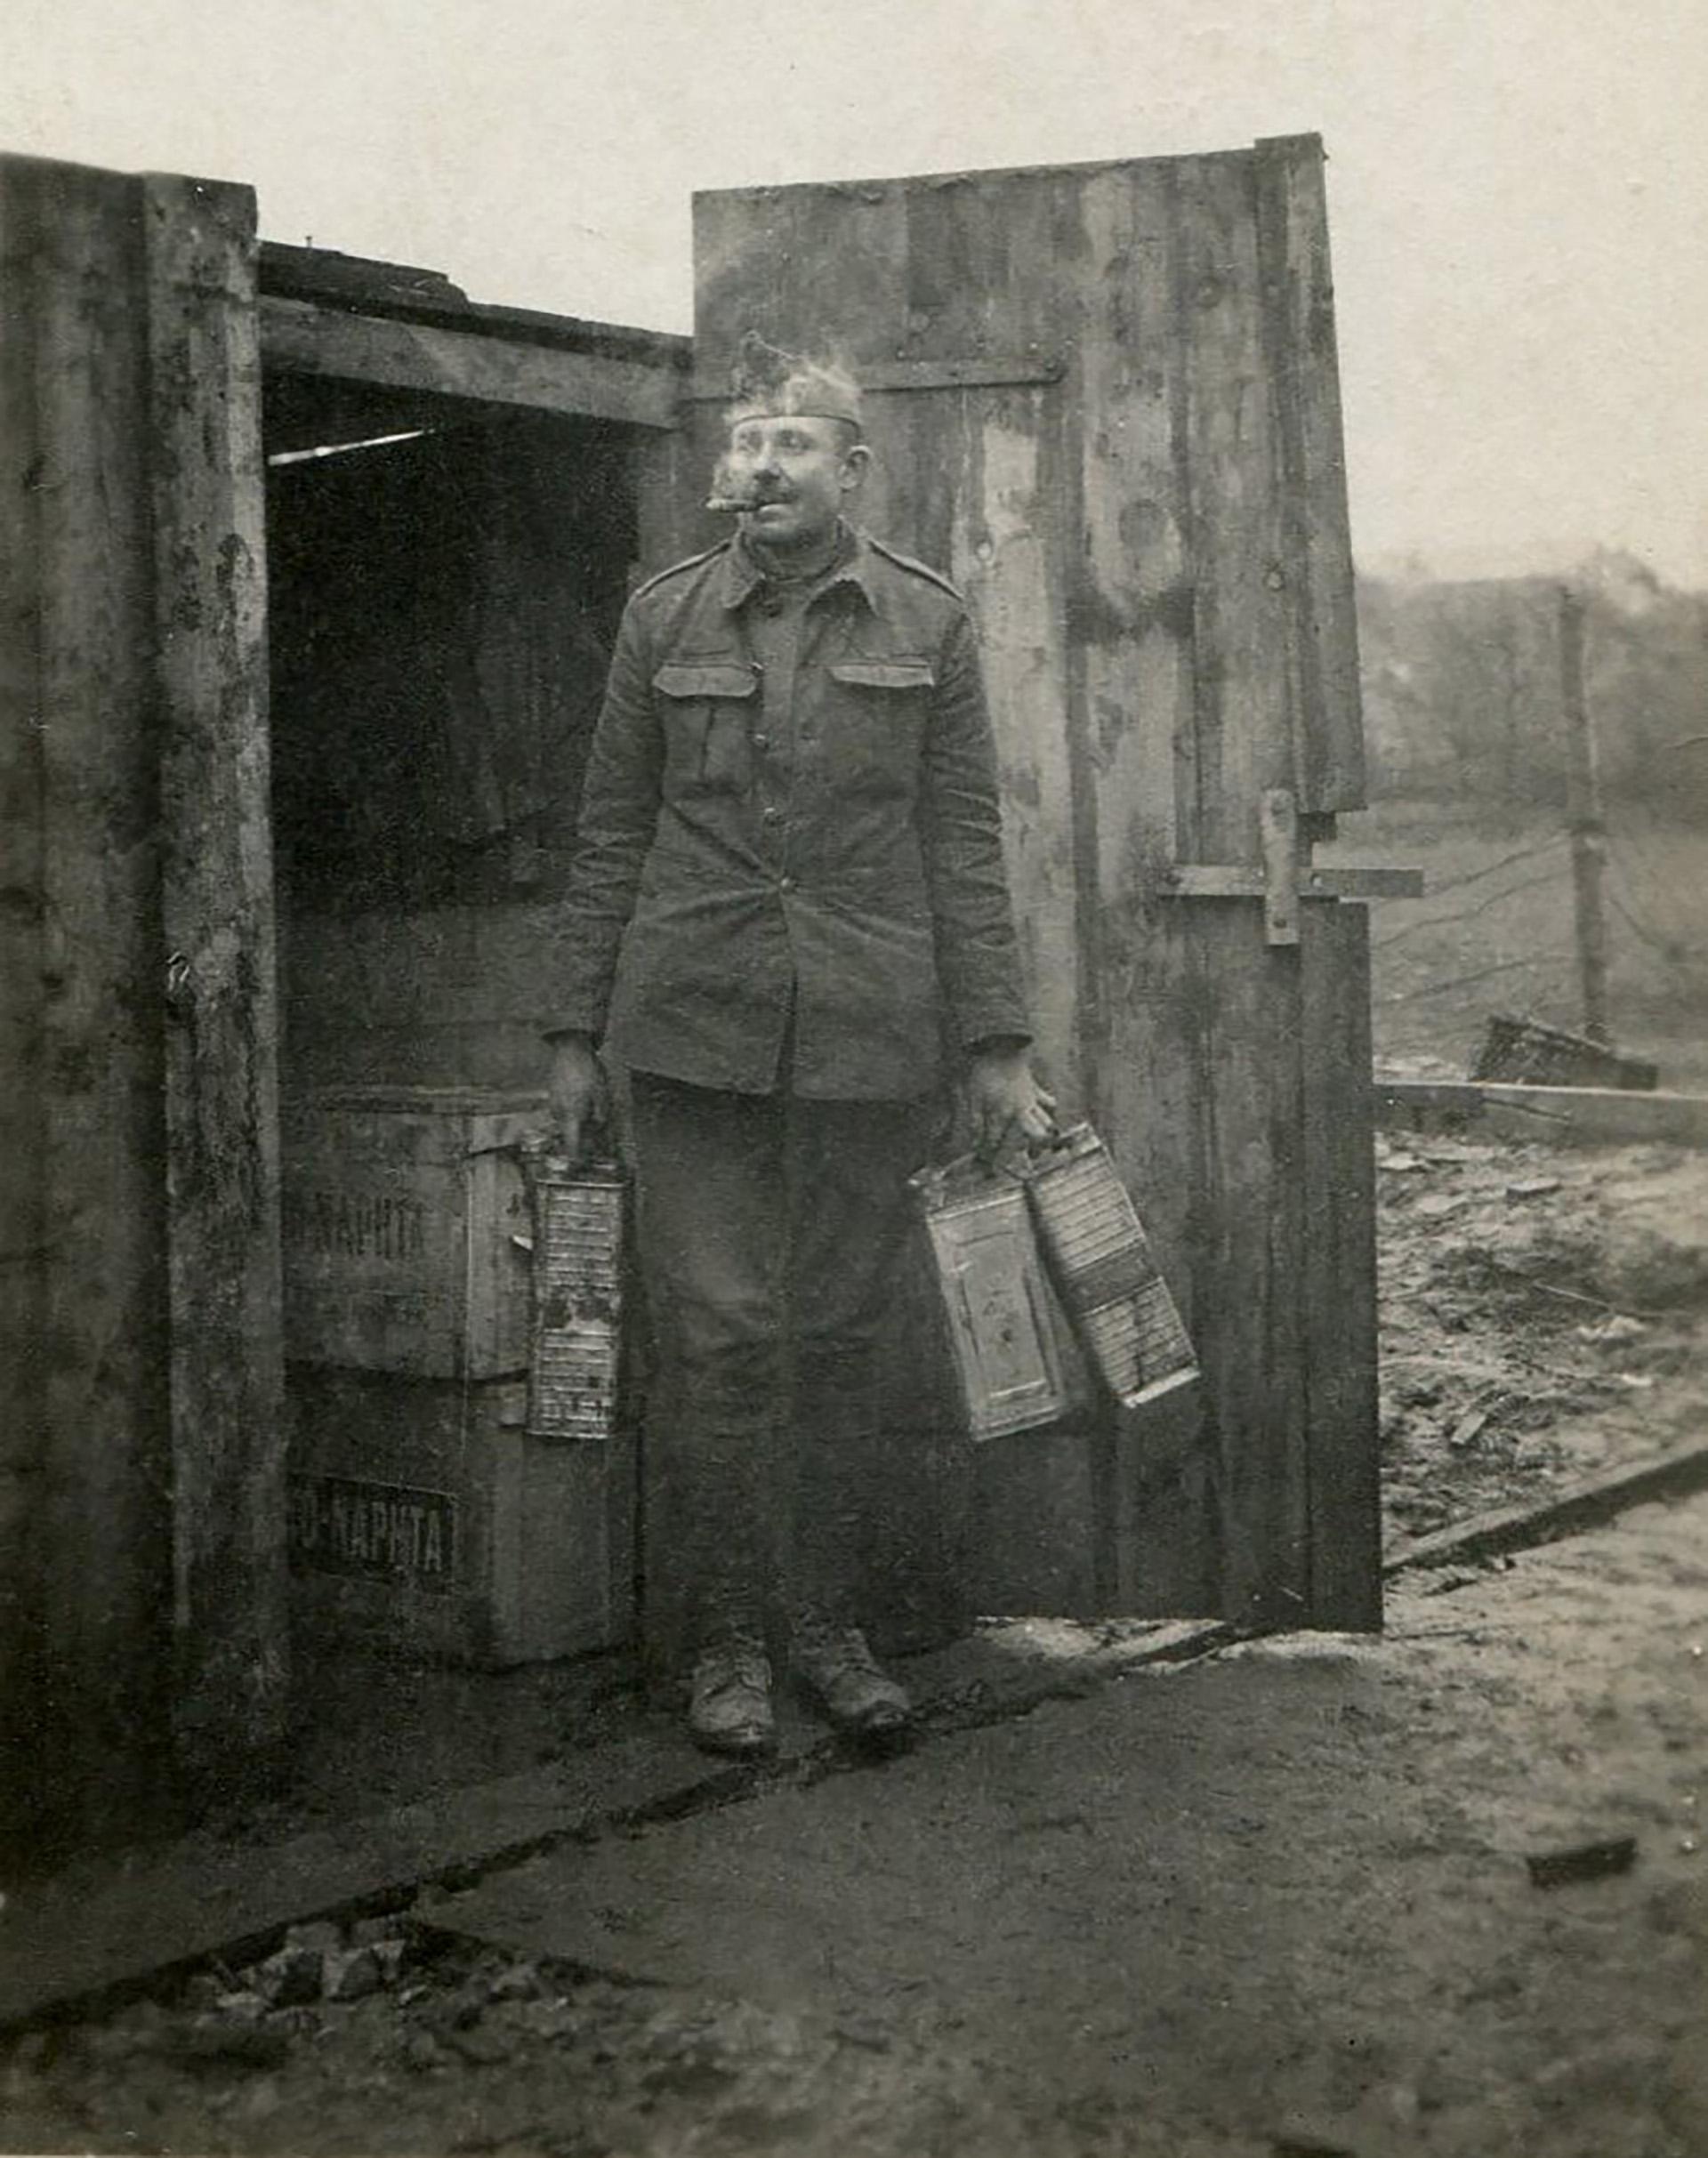 Un soldado estadounidense portando latas de combustible